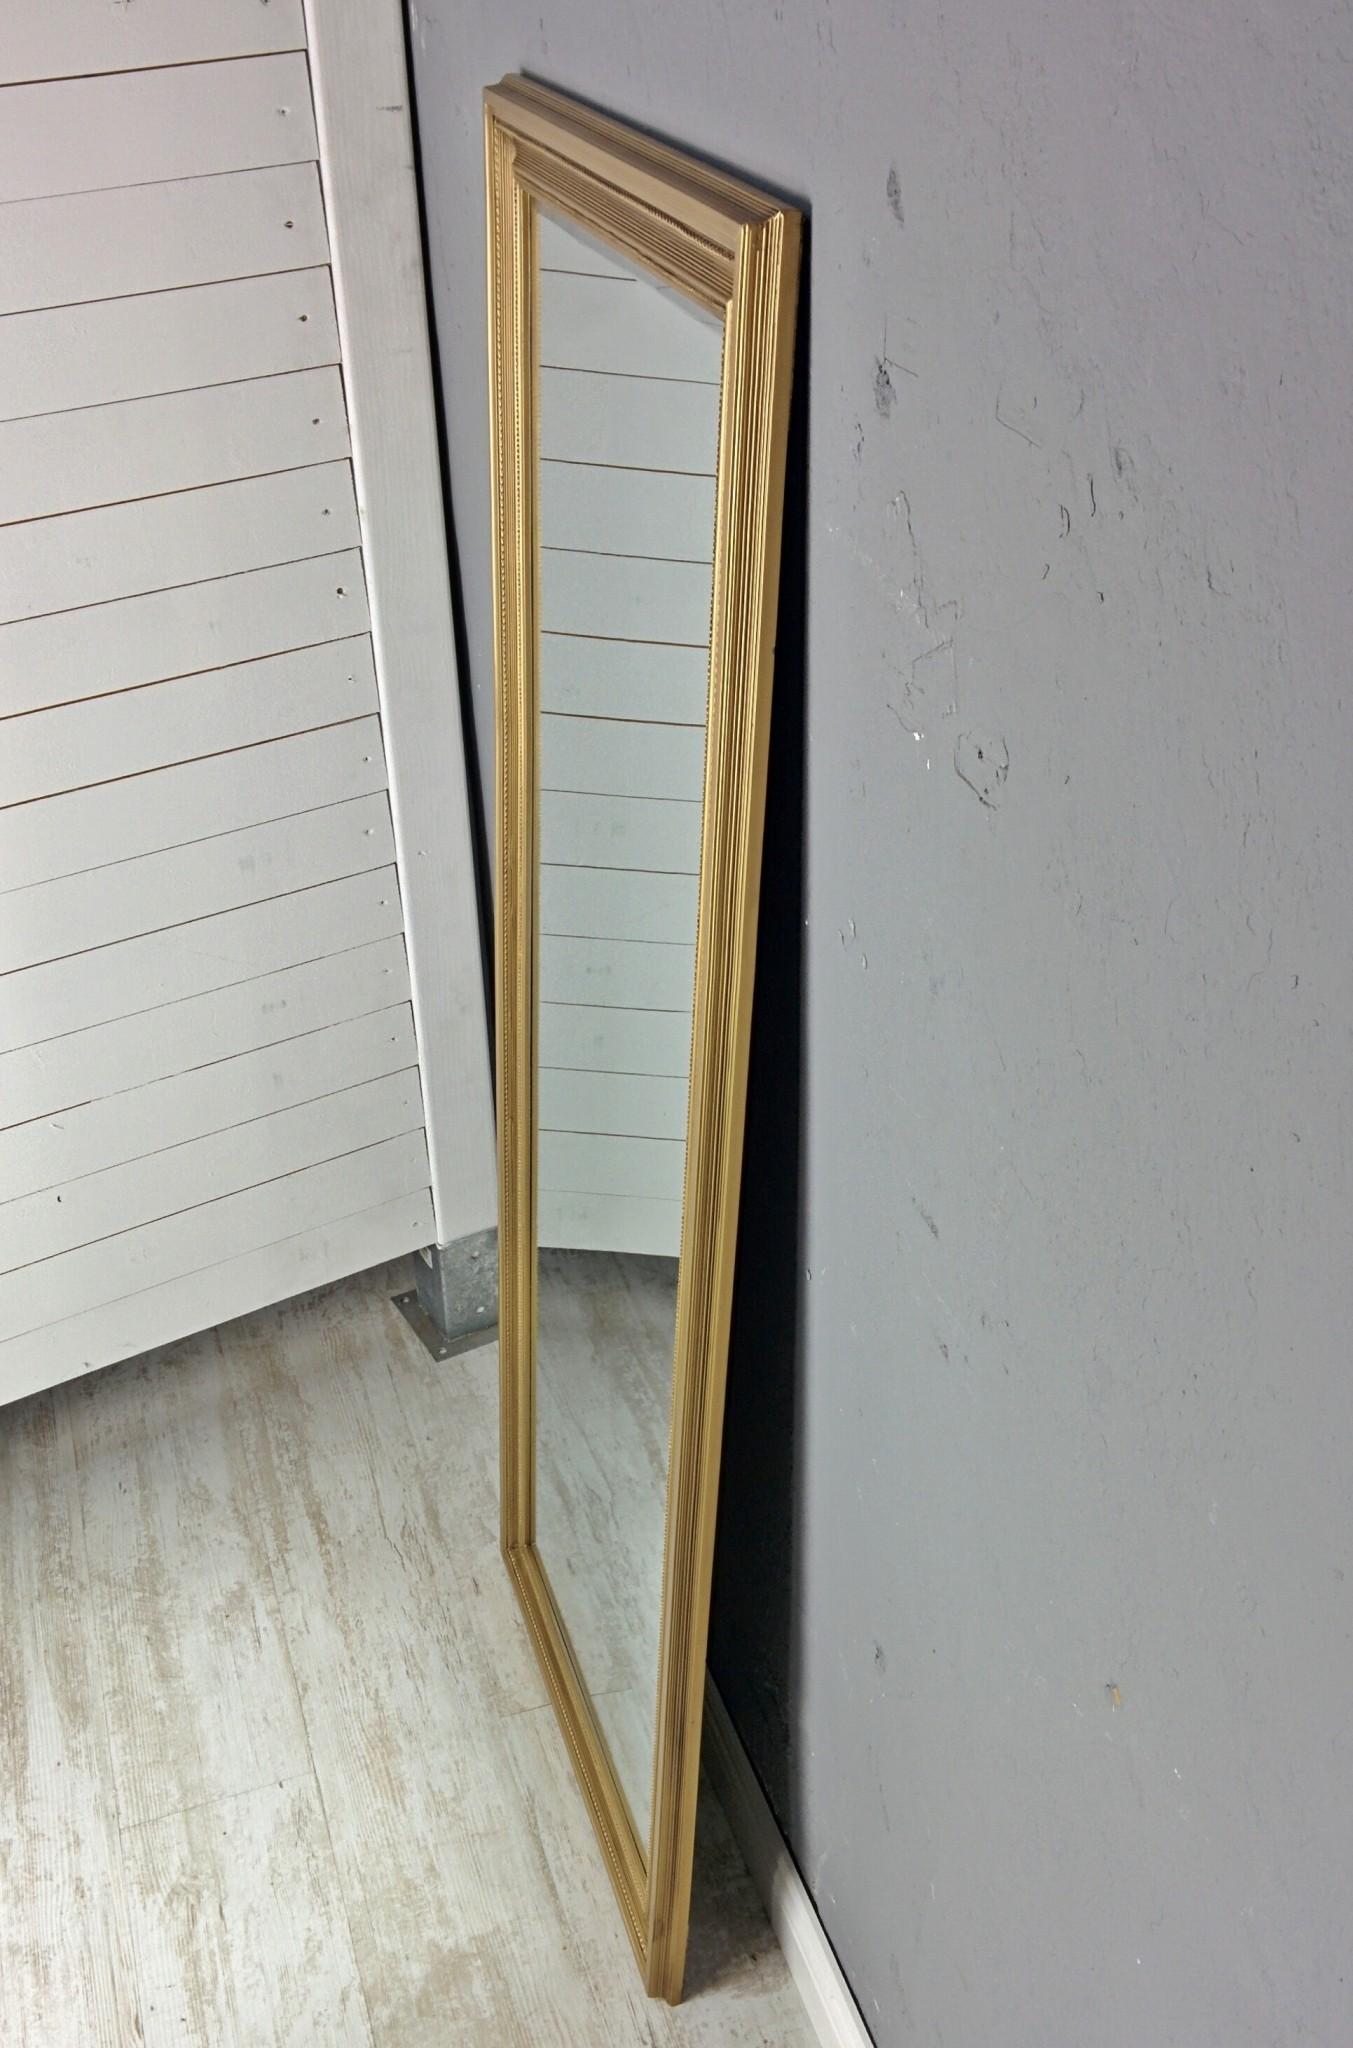 spiegel gold landhaus 150x60cm holz wandspiegel barock. Black Bedroom Furniture Sets. Home Design Ideas